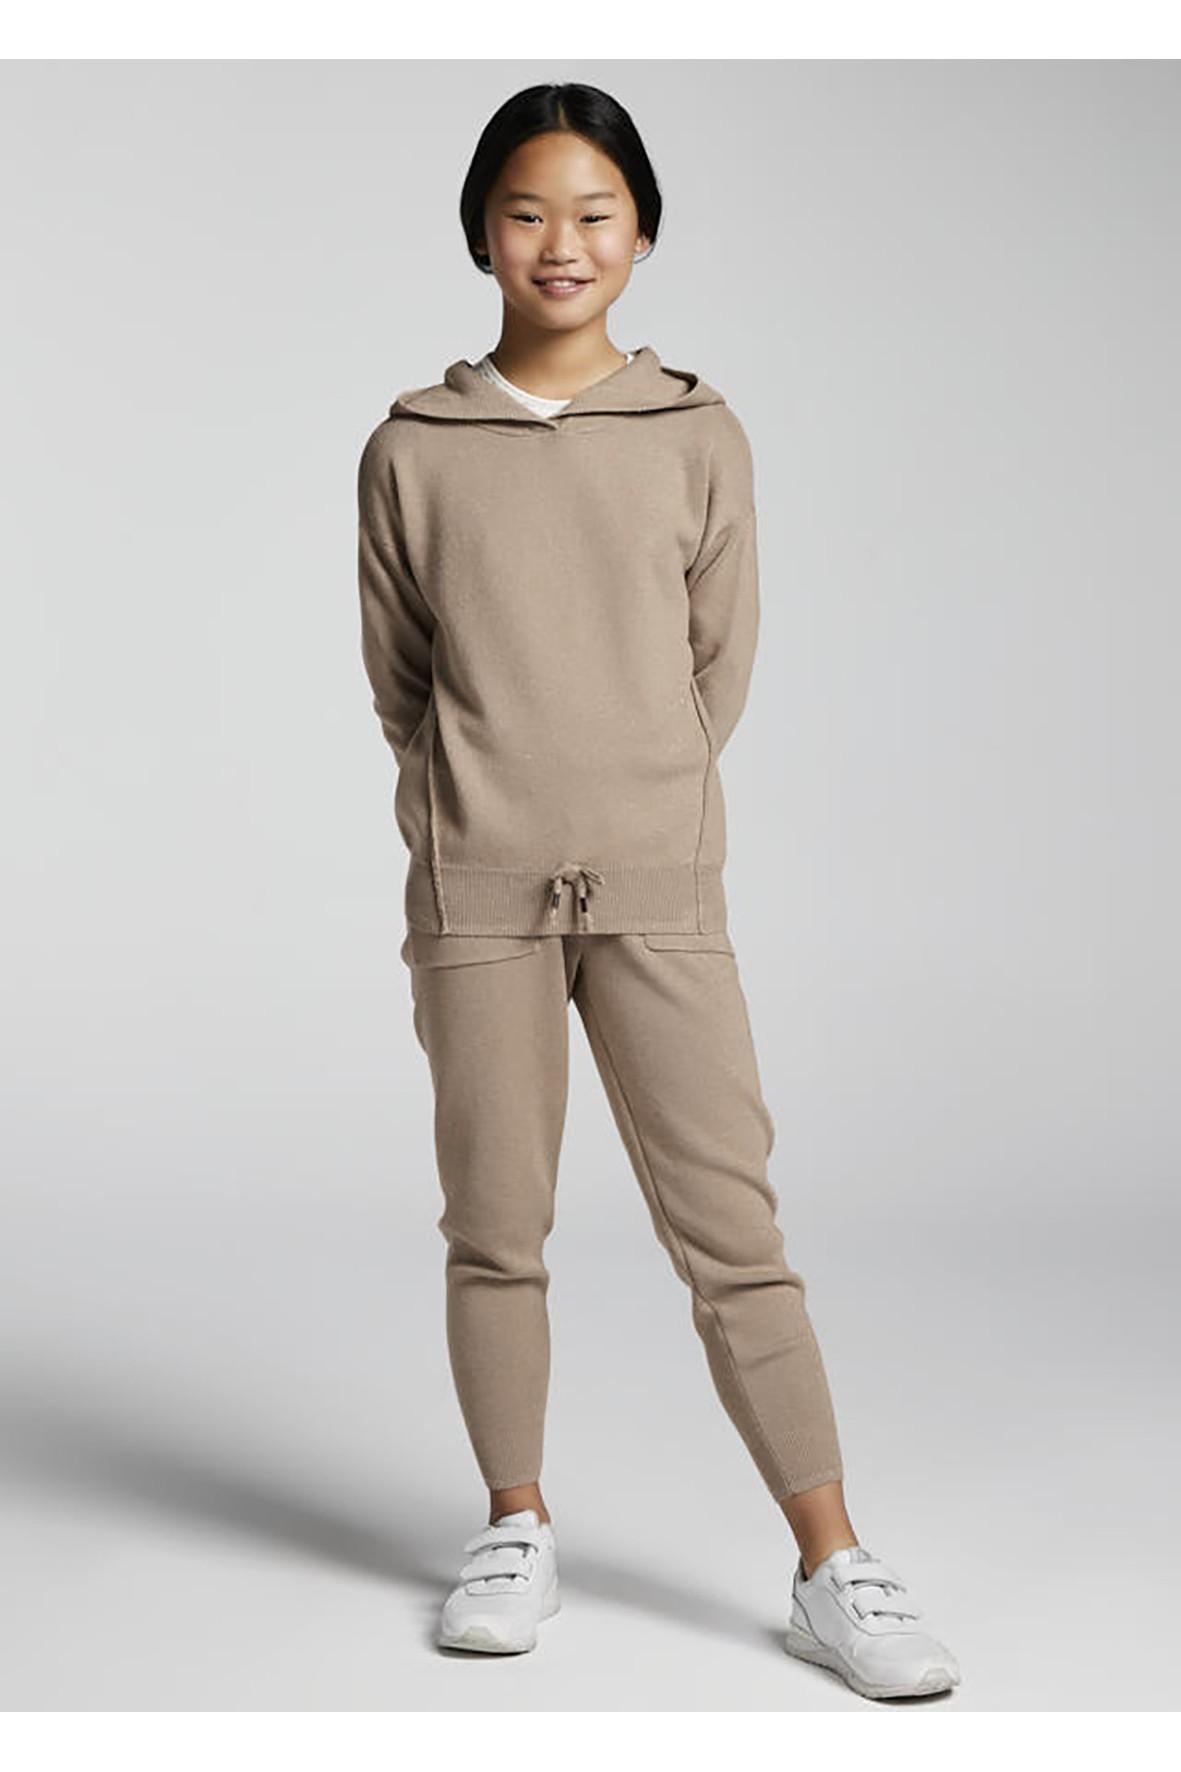 Komplet dresowy - bluza z kapturem i spodnie dresowe rozm128